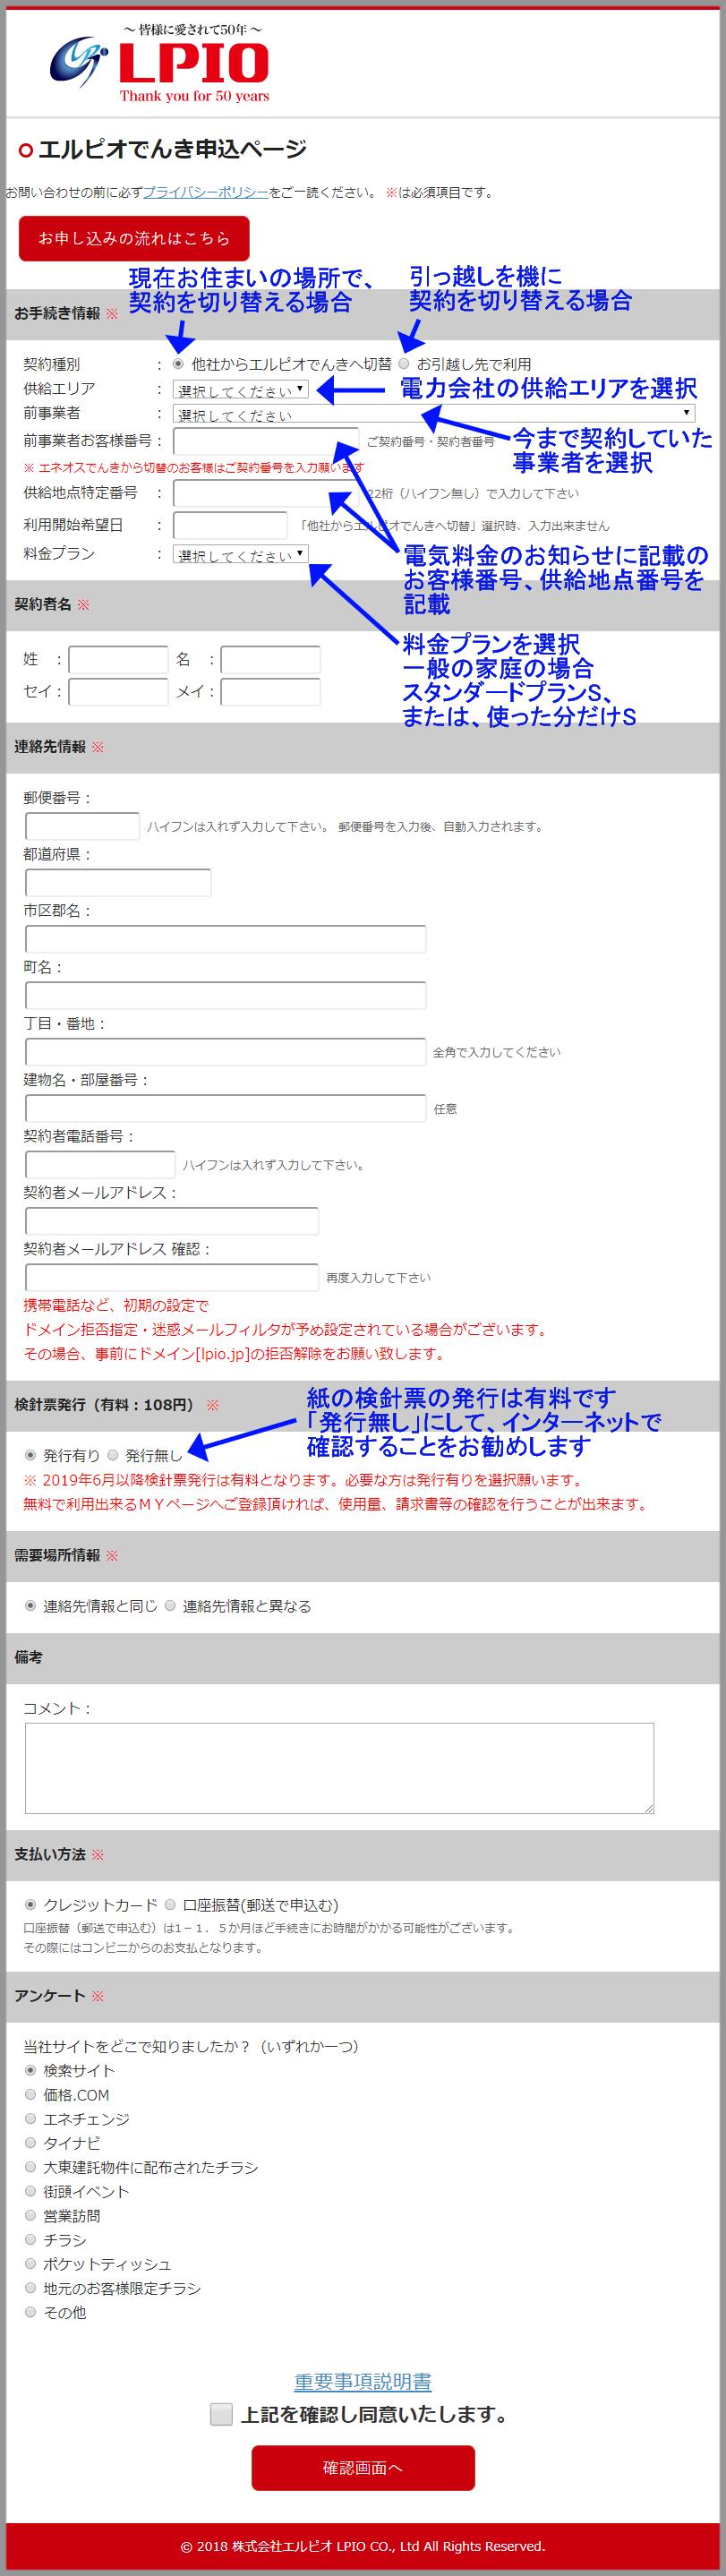 エルピオでんき申込ページ記入例